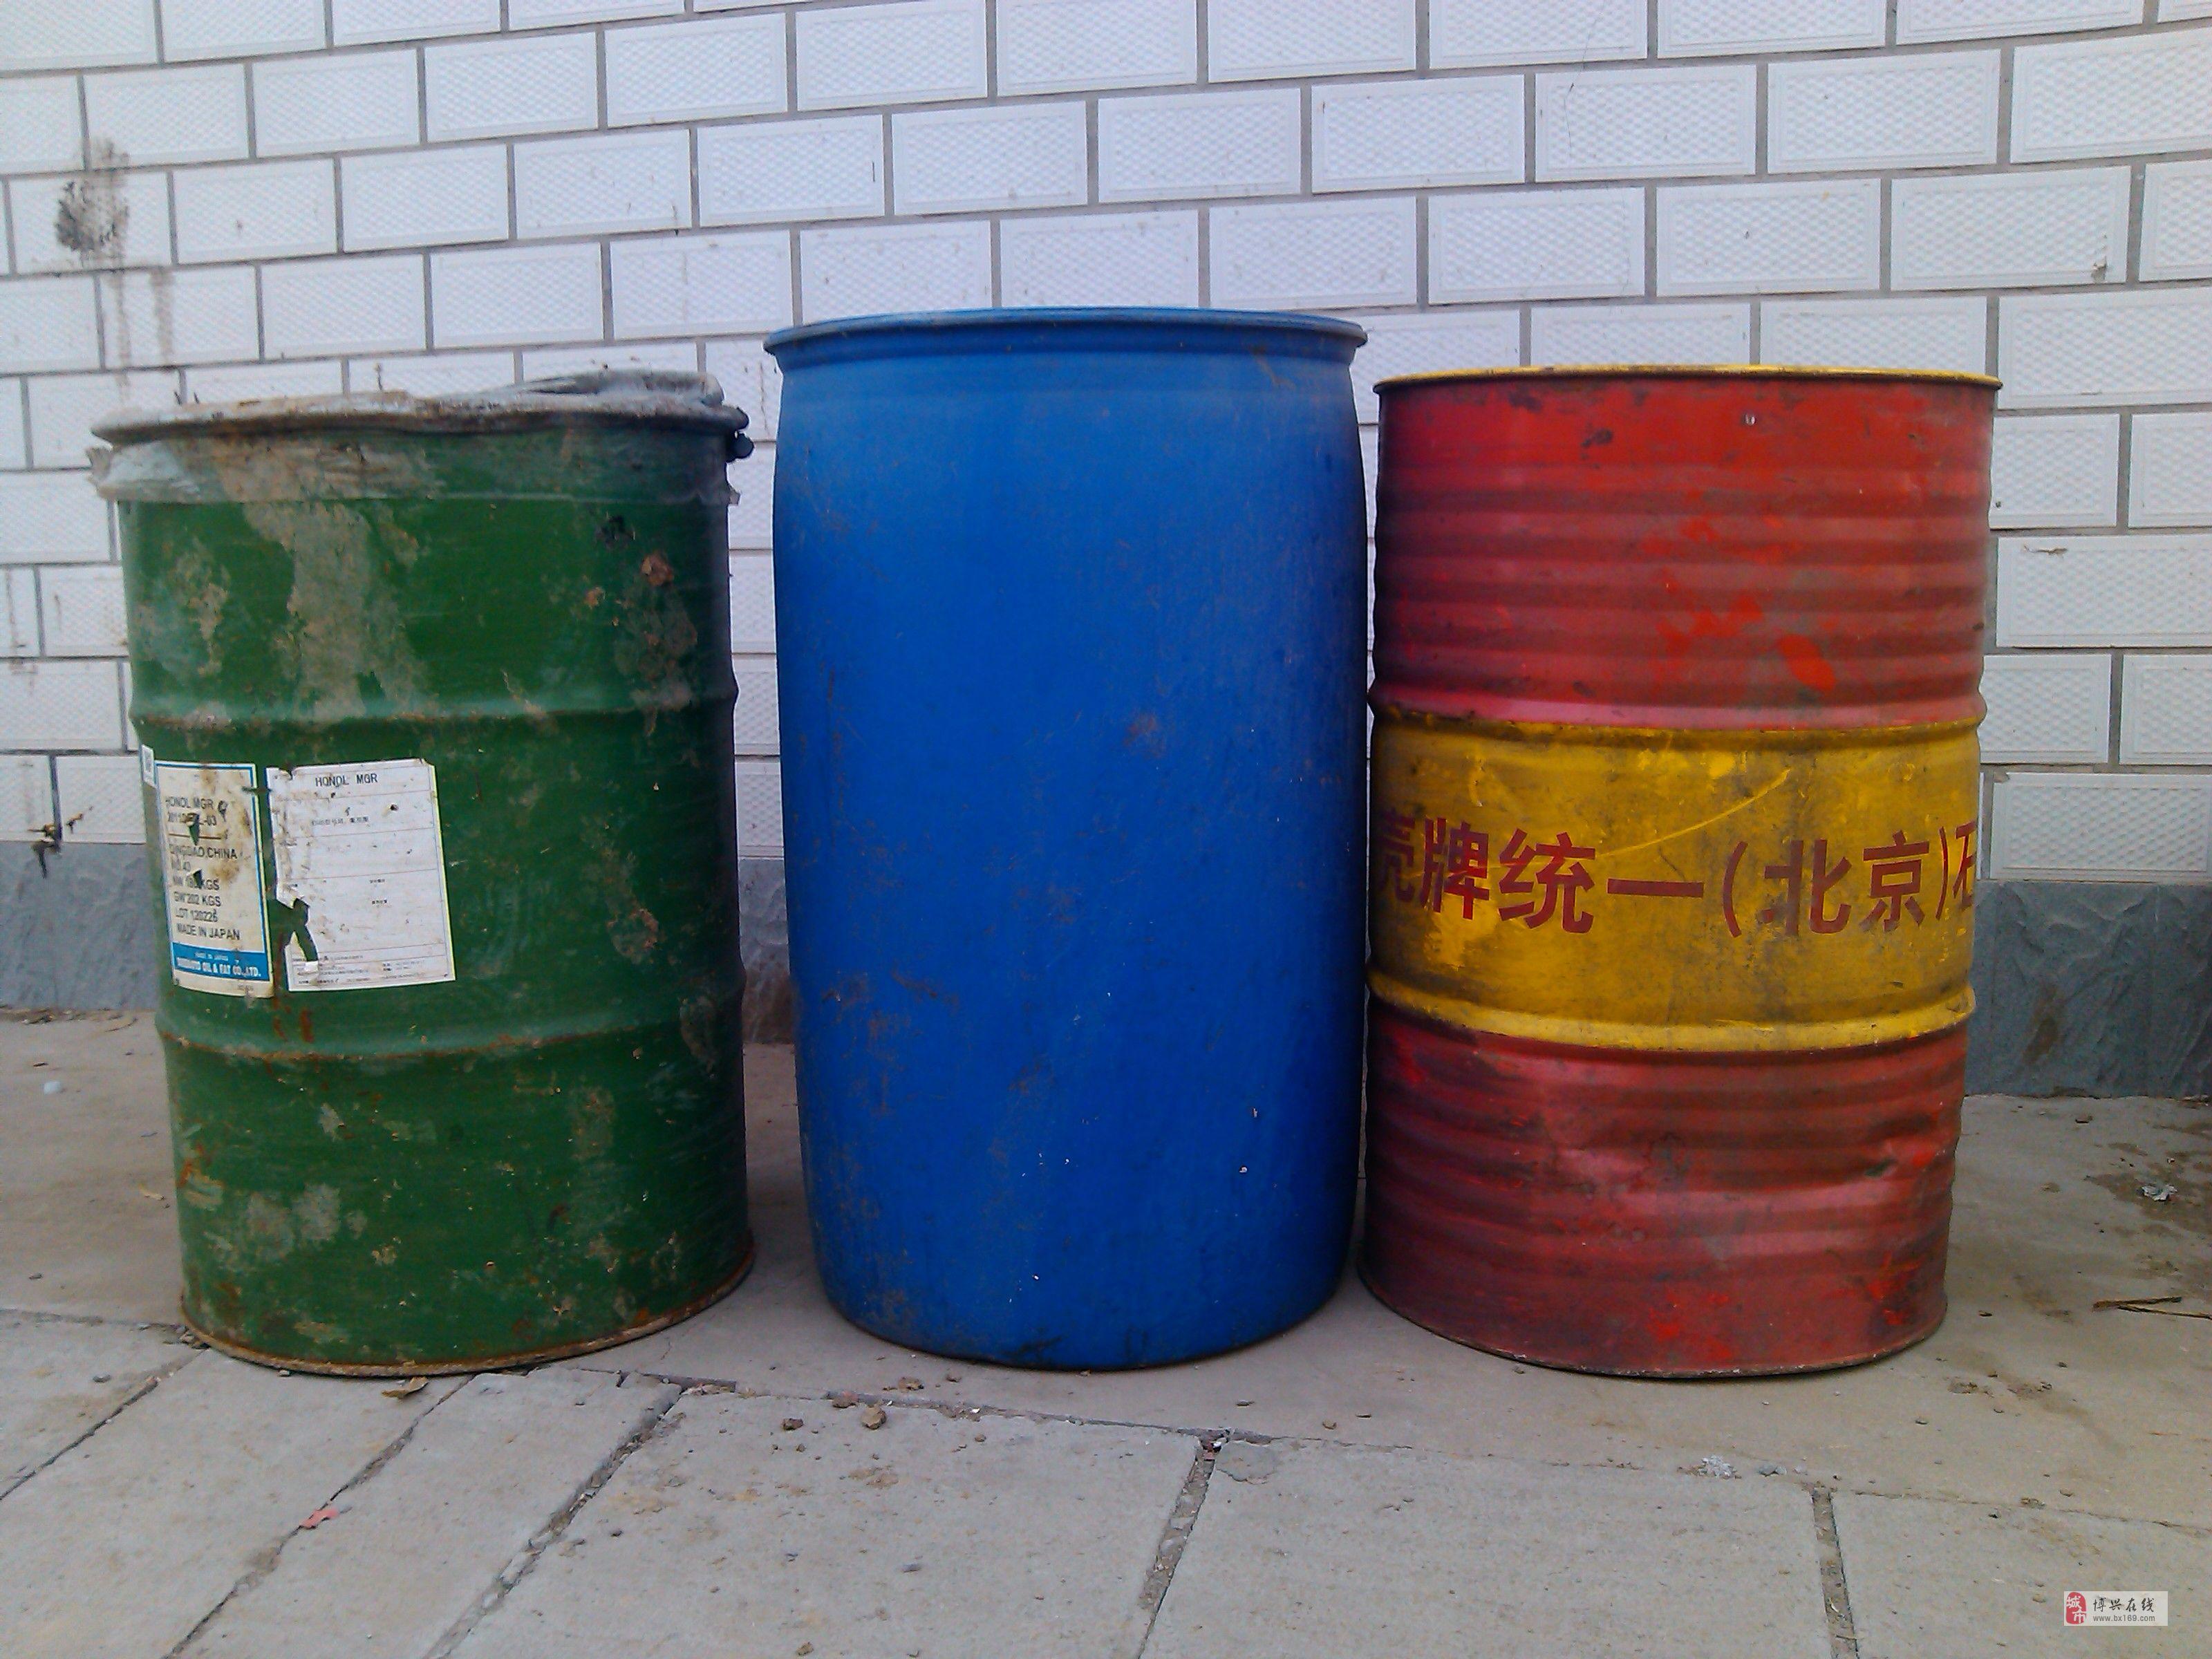 收购废旧铁桶,塑料桶